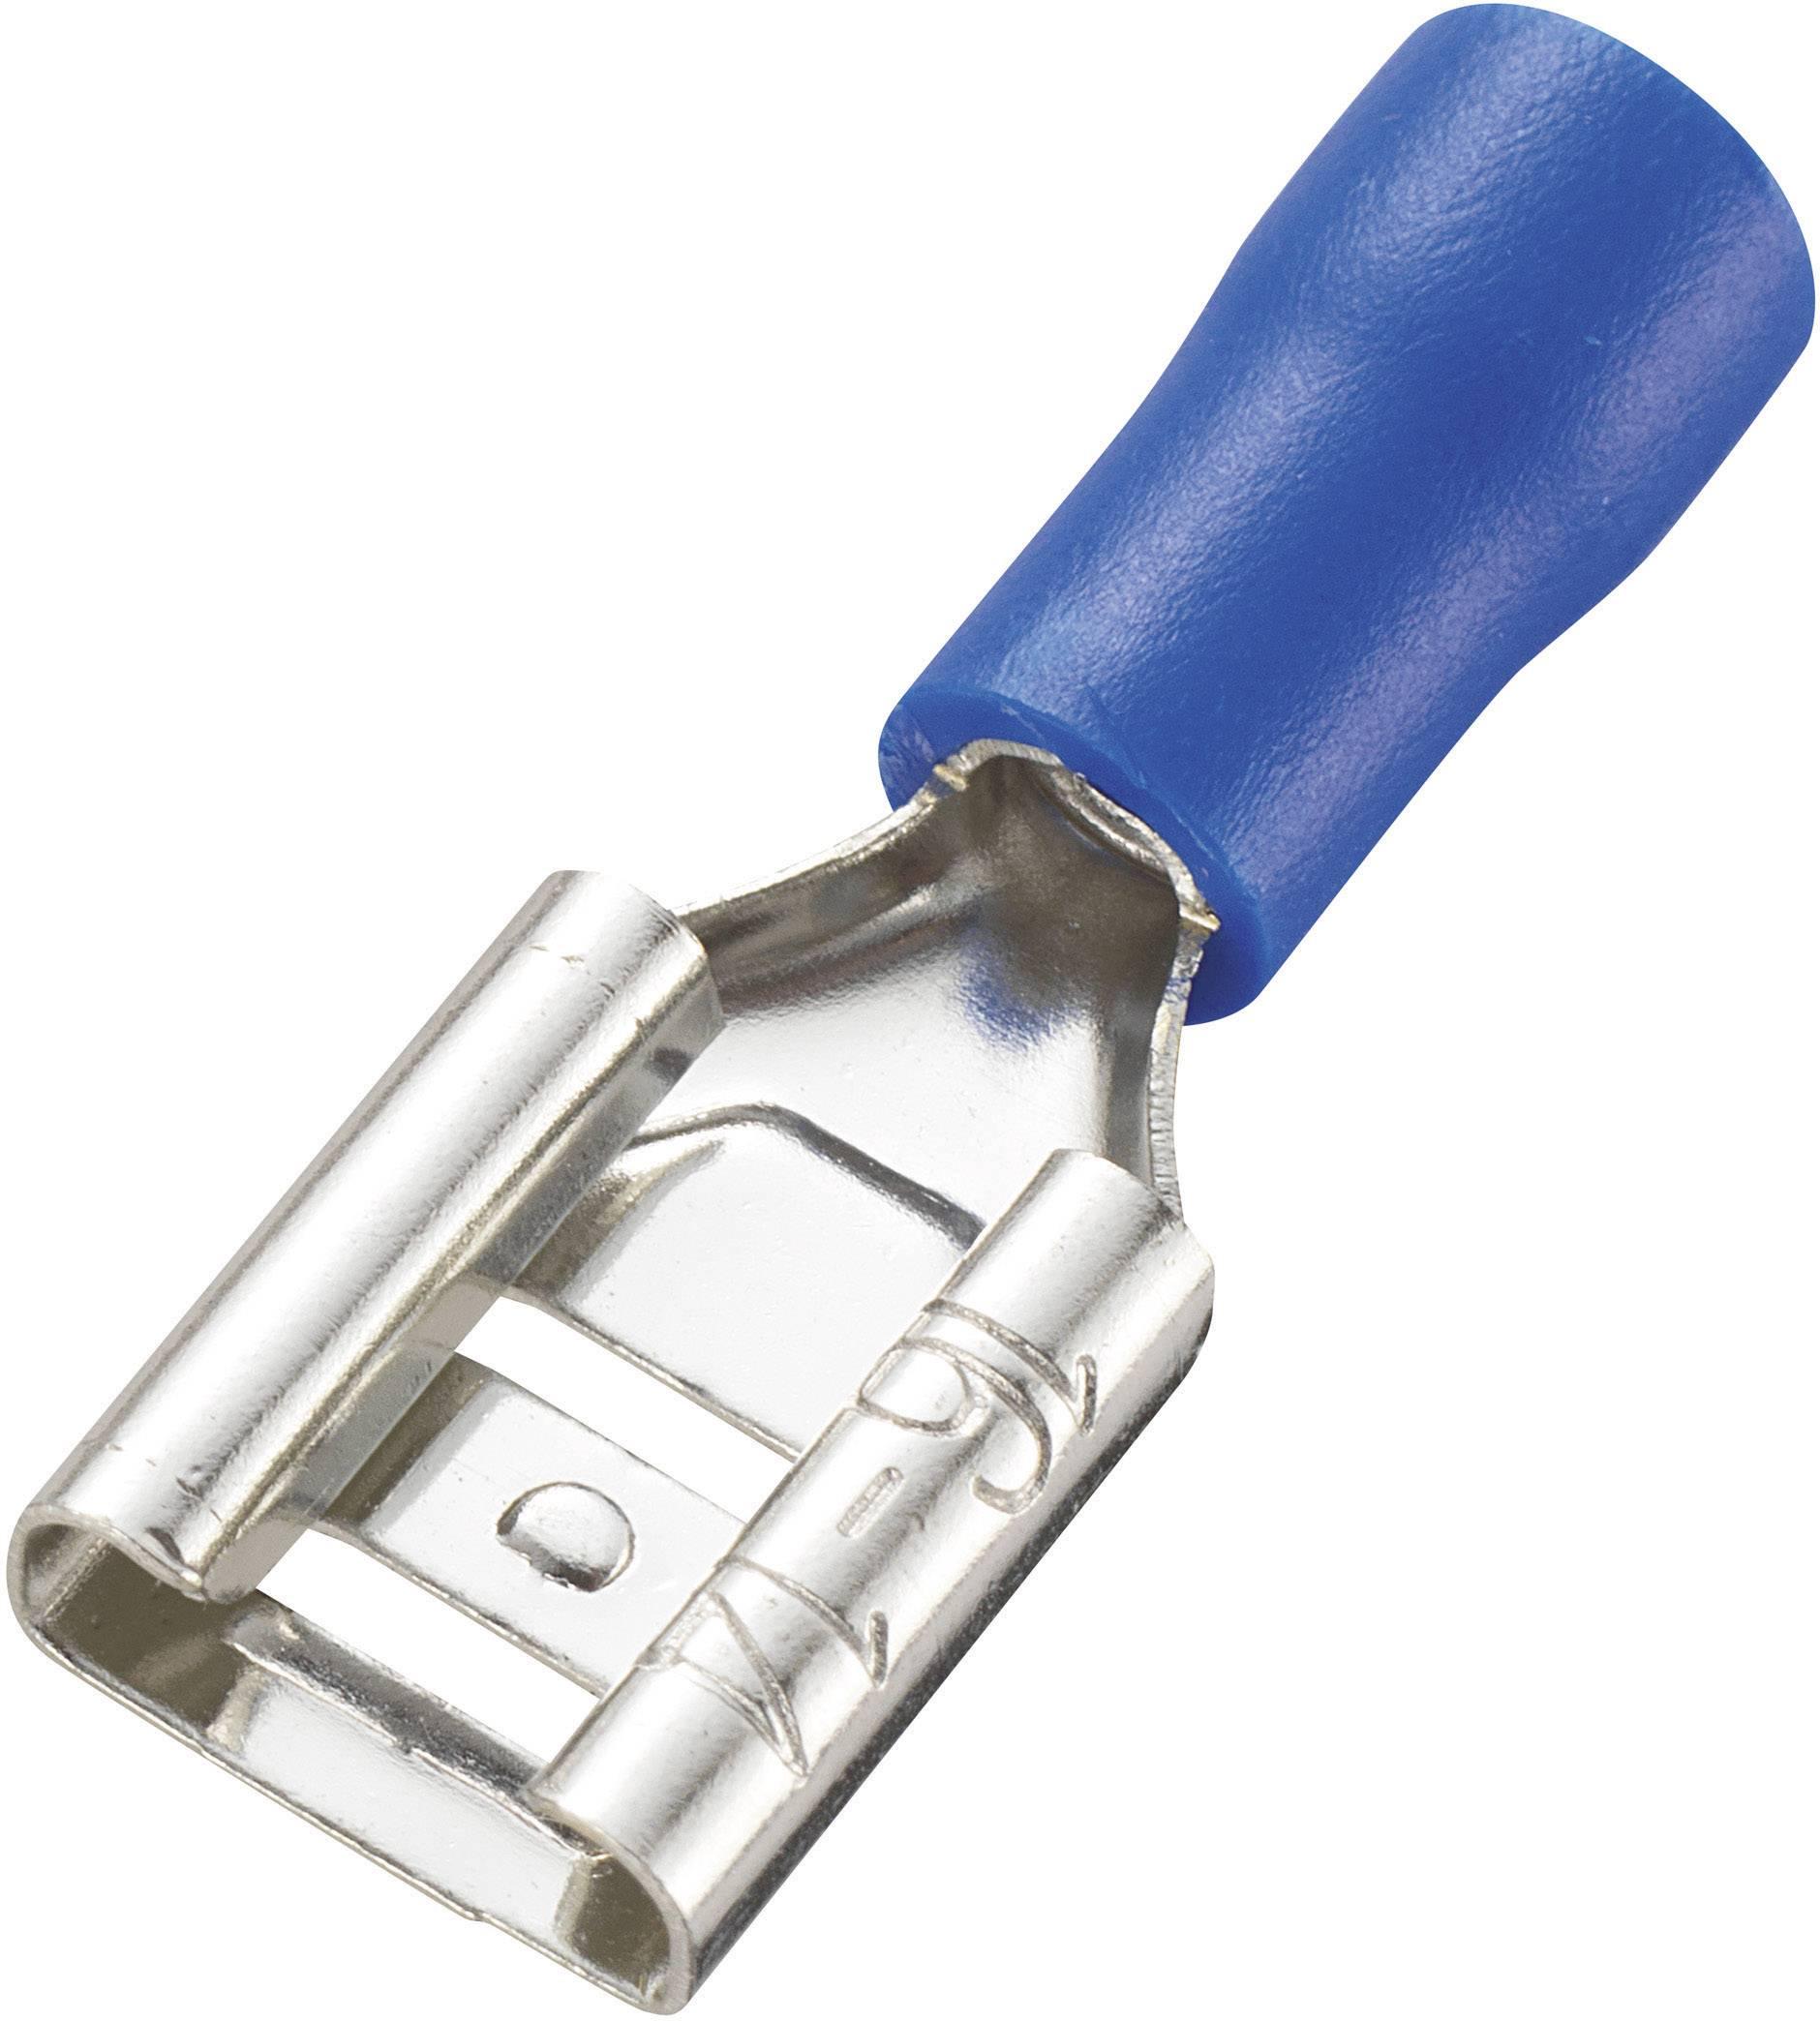 Faston konektor zásuvka Conrad Components 737509 8.0 mm x 0.8 mm, 180 °, čiastočne izolované, modrá, 100 ks